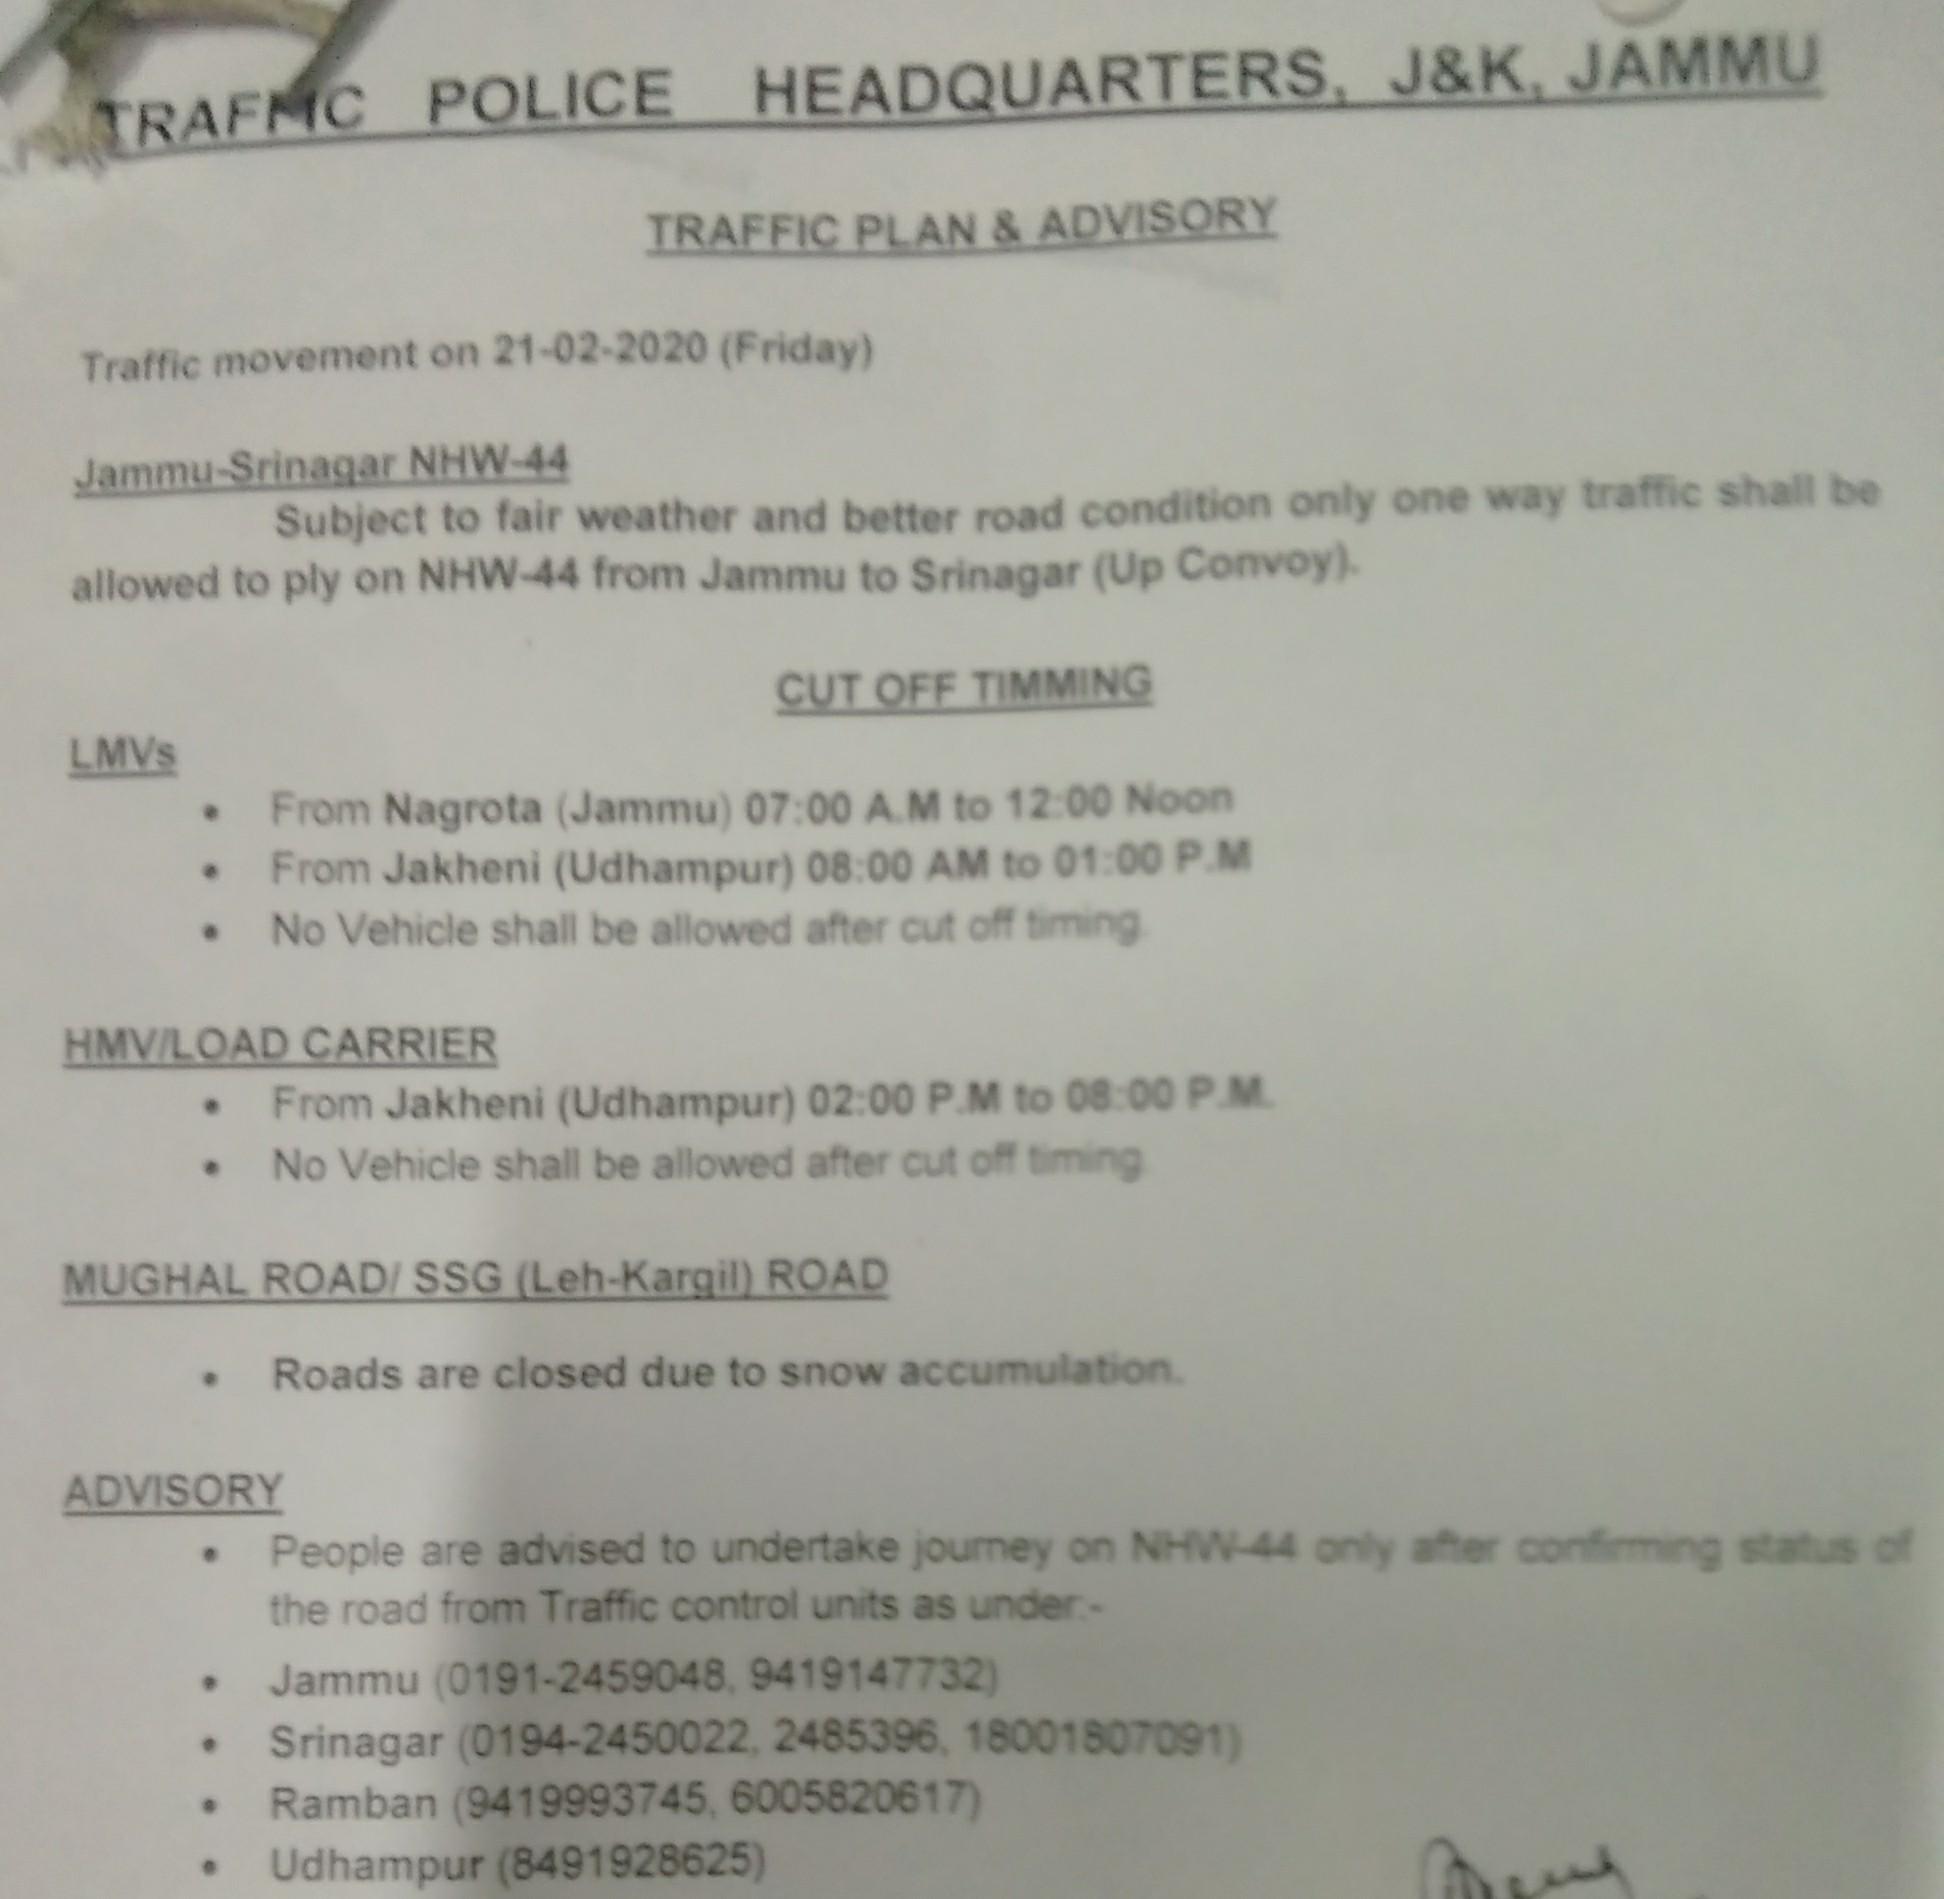 Jammu Srinagar NHW Traffic plan for 21-02-2020.